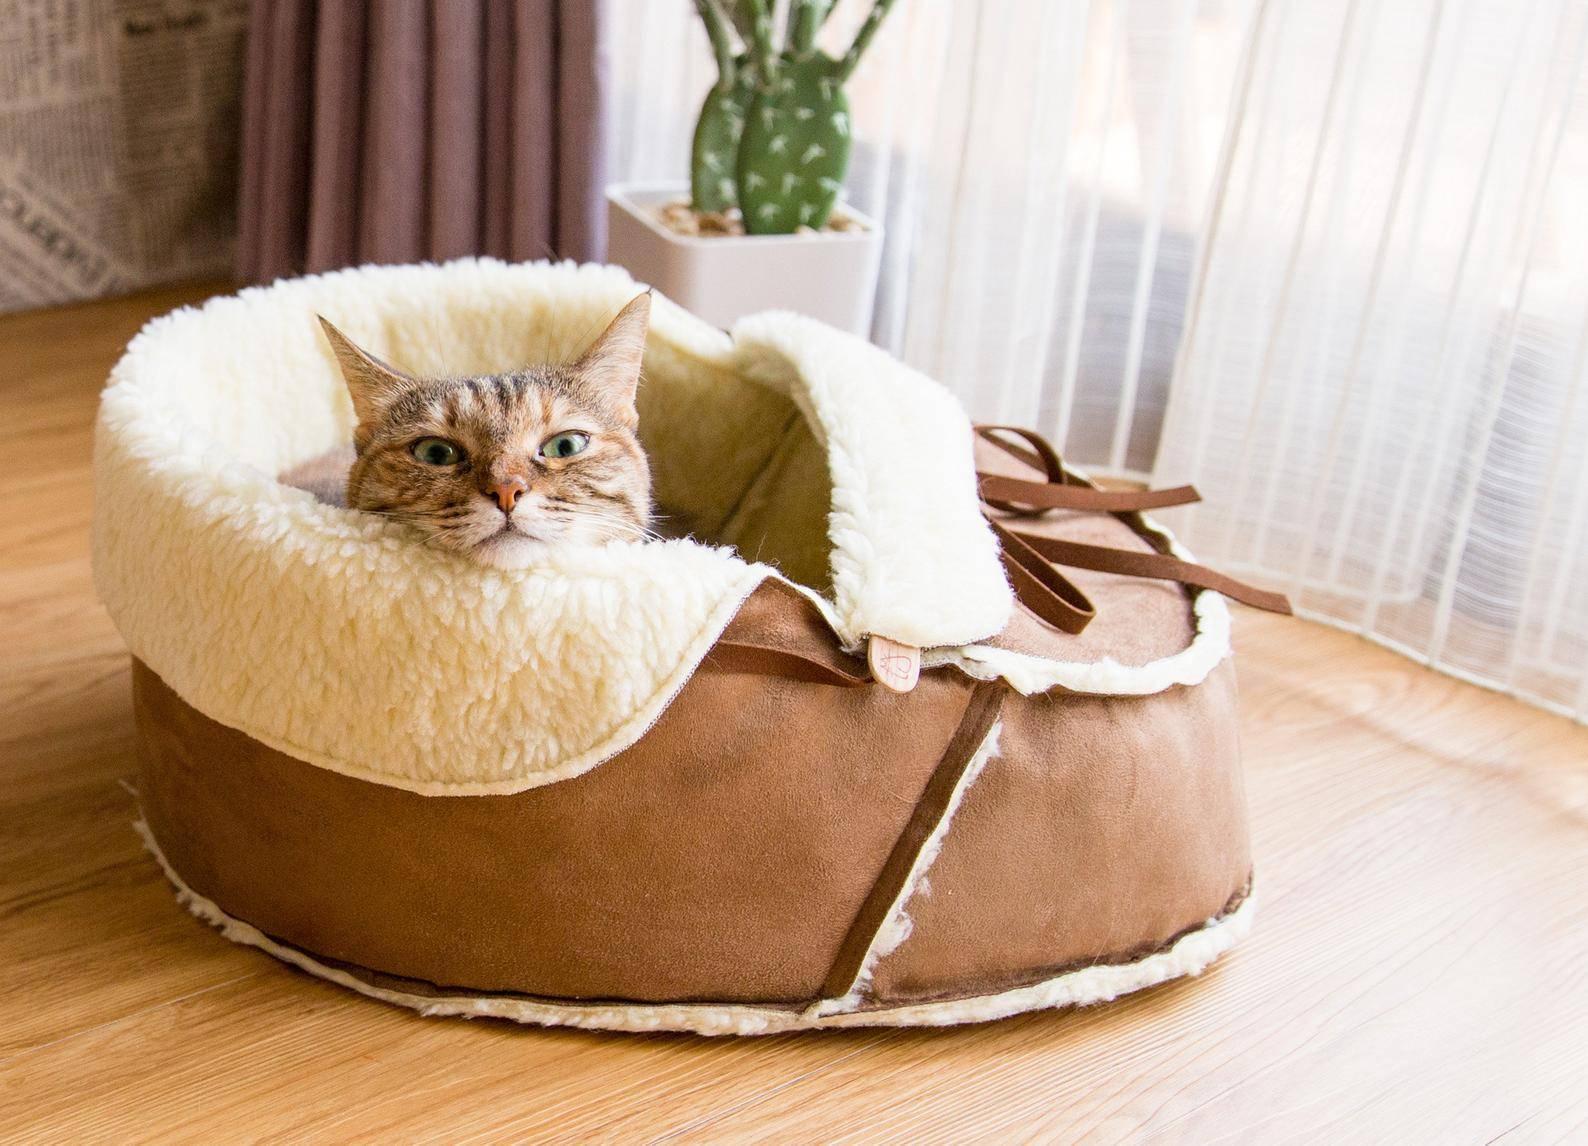 Обогащенная среда для кошек: нужна ли кошкам компания? - wikipet